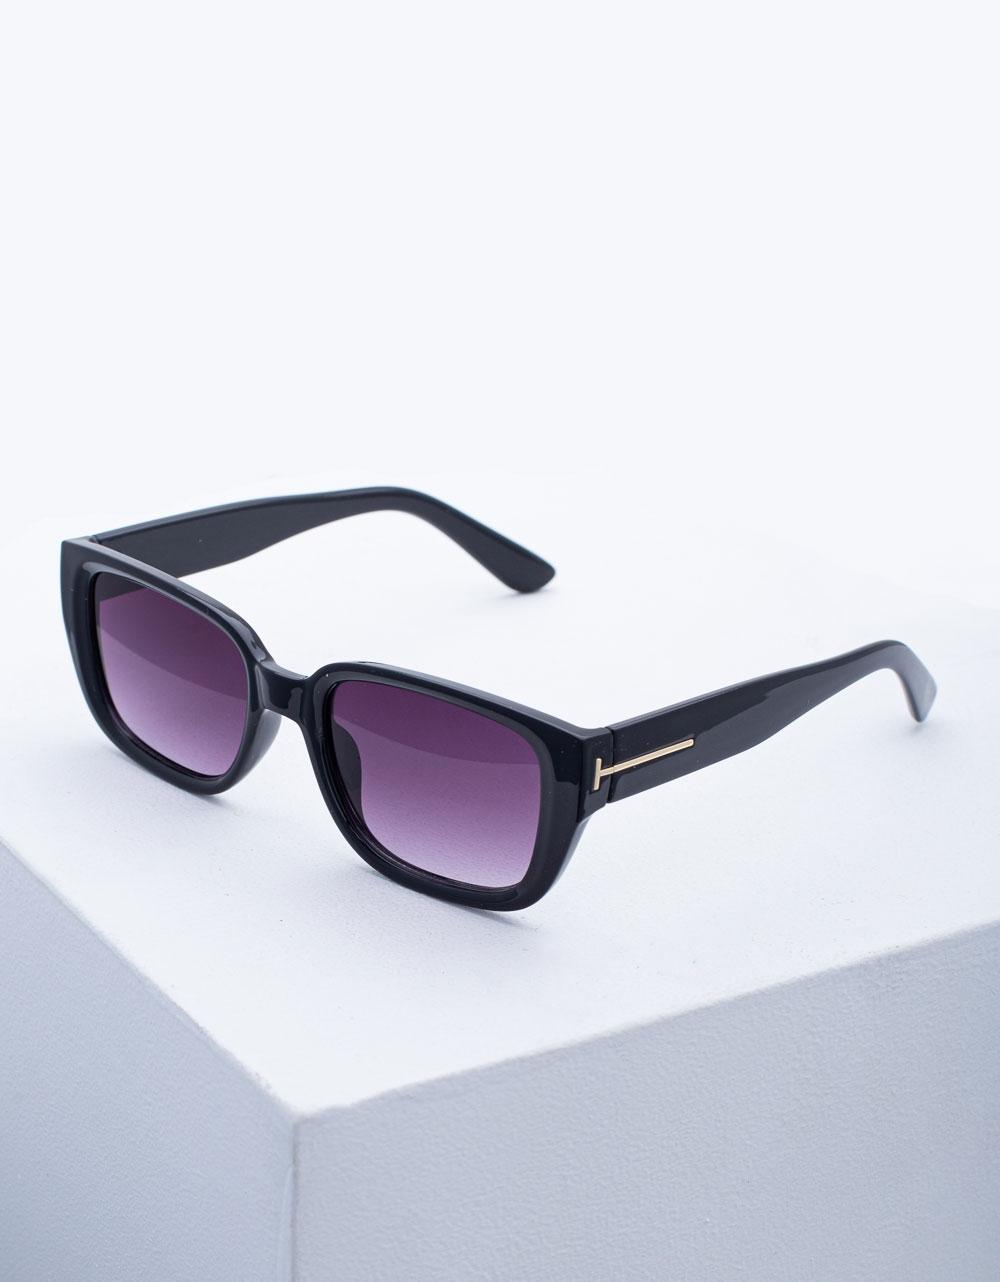 Εικόνα από Γυναικεία γυαλιά ηλίου σε τετράγωνο σχήμα Μαύρο